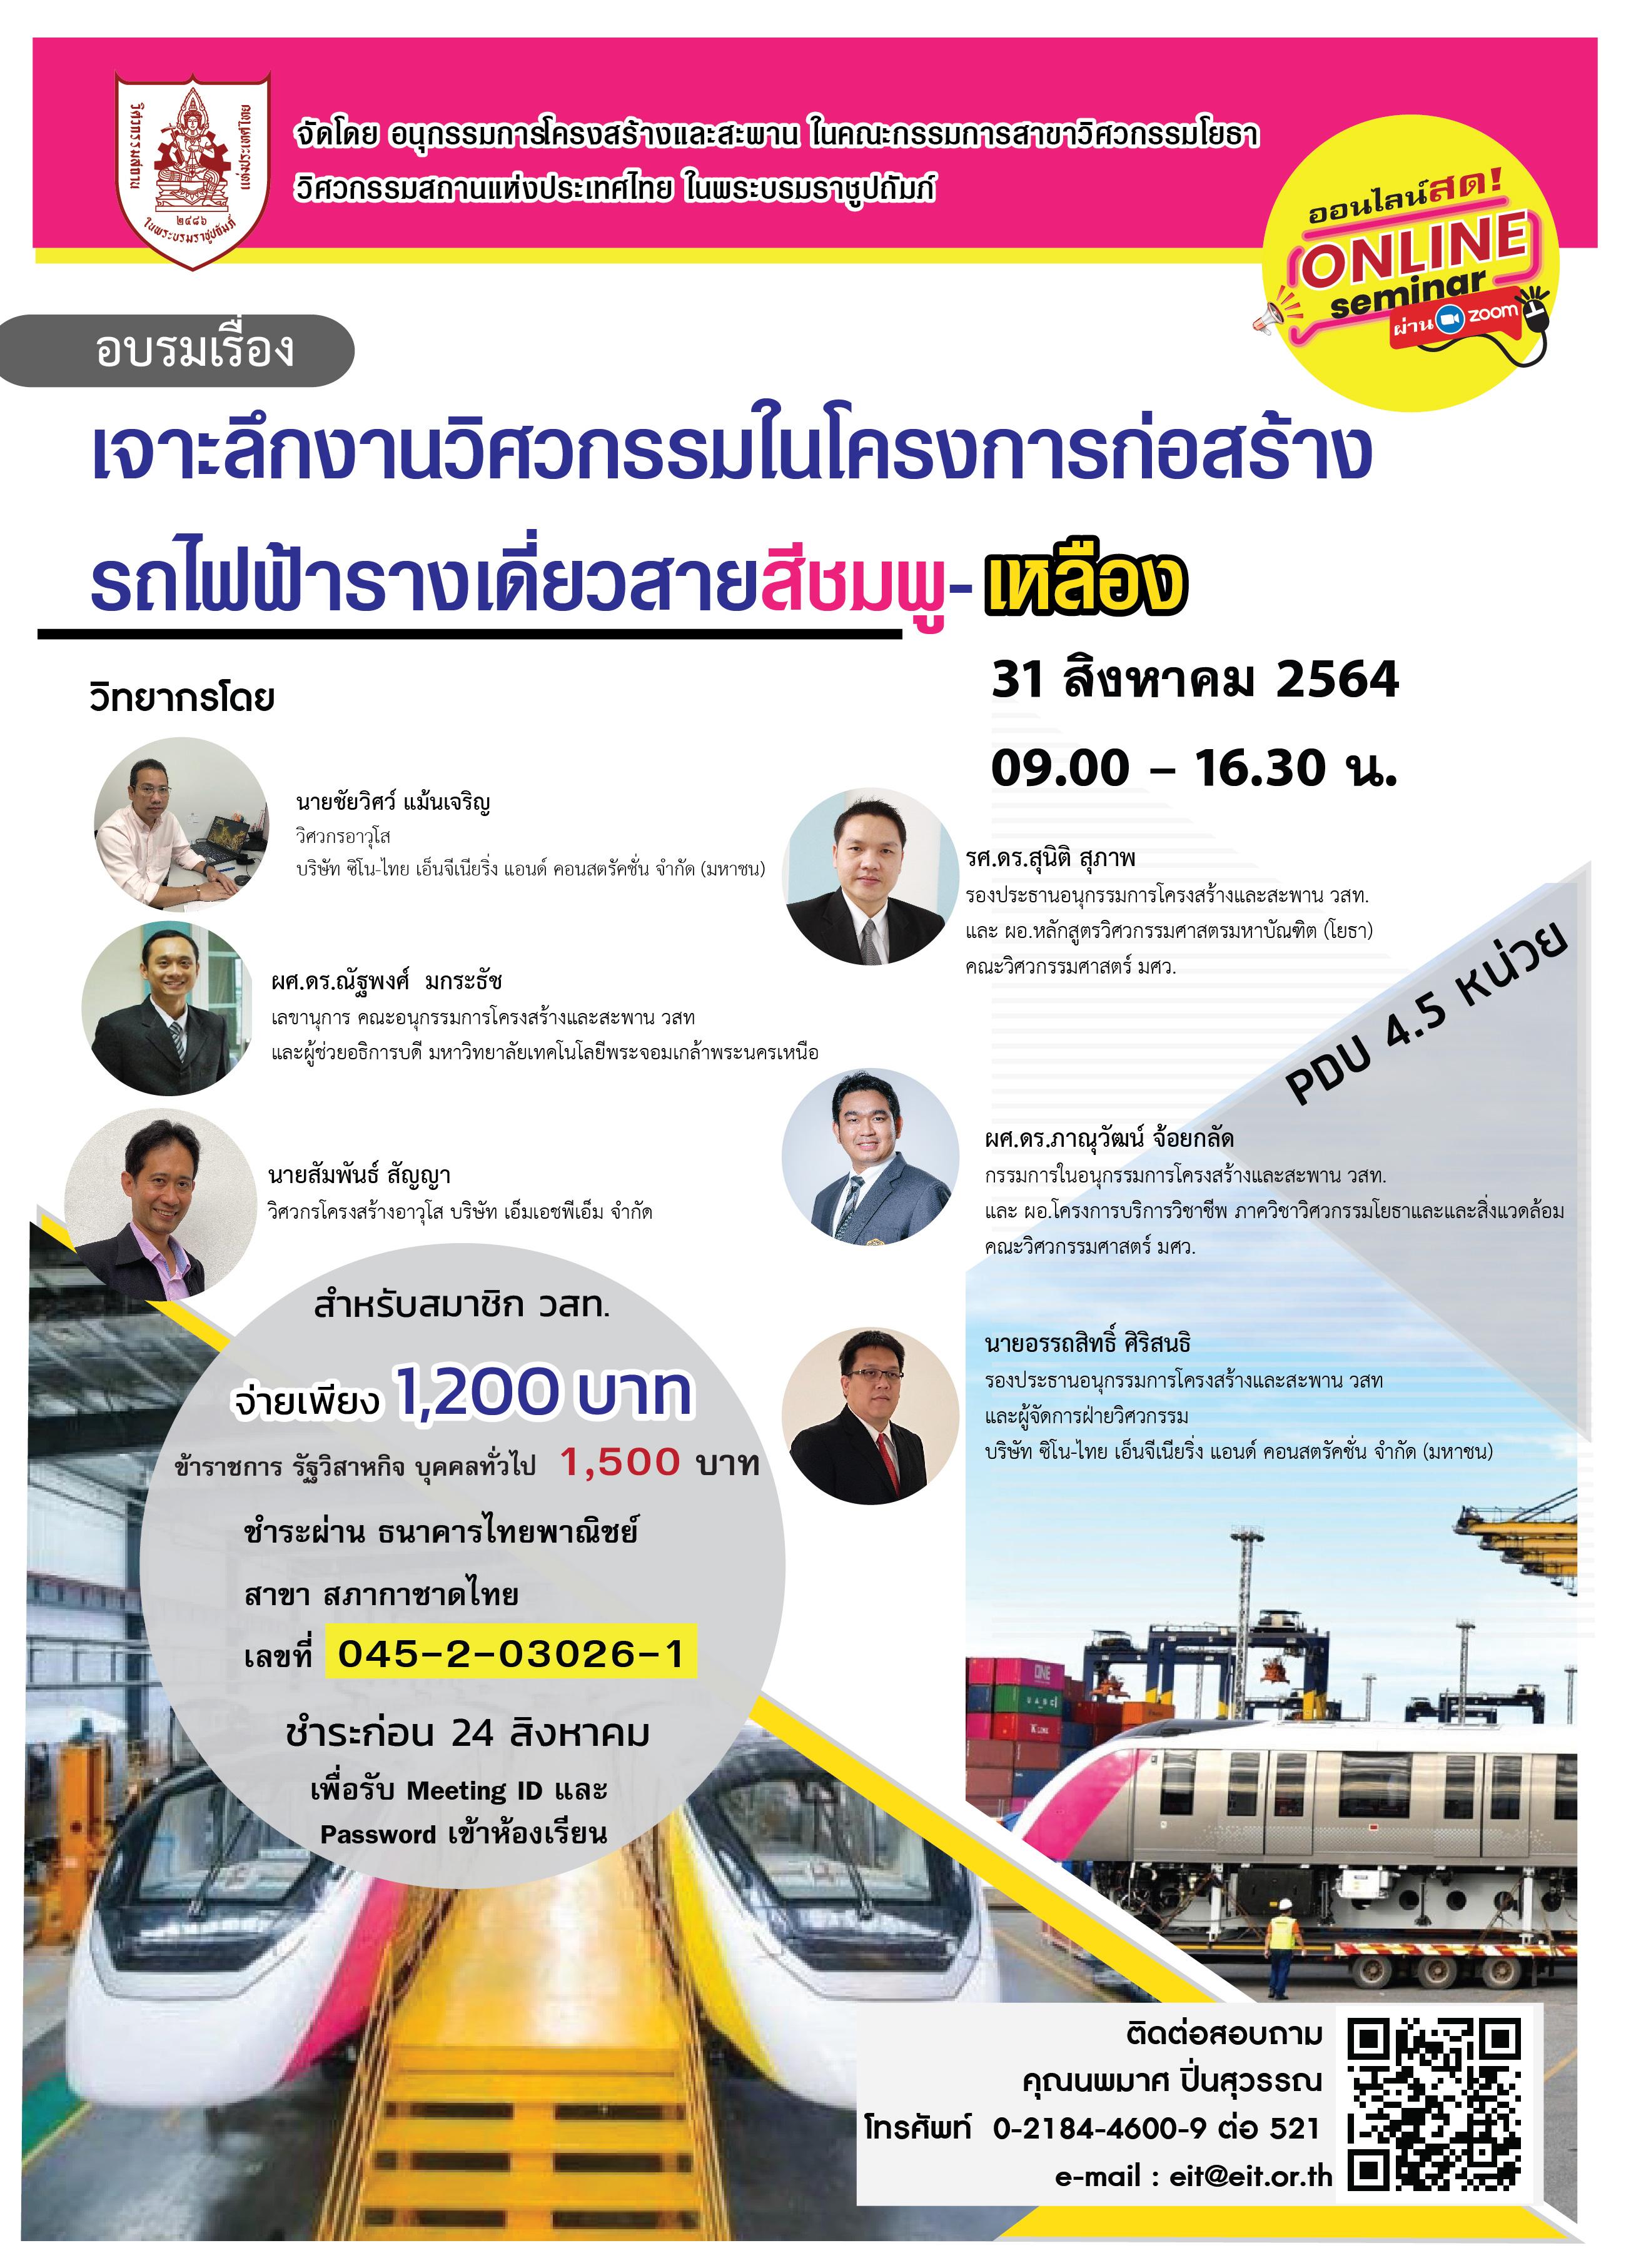 31/08/2564 เจาะลึกงานวิศวกรรมในโครงการก่อสร้าง โครงการก่อสร้างรถไฟฟ้ารางเดี่ยวสายสีชมพู-เหลือง